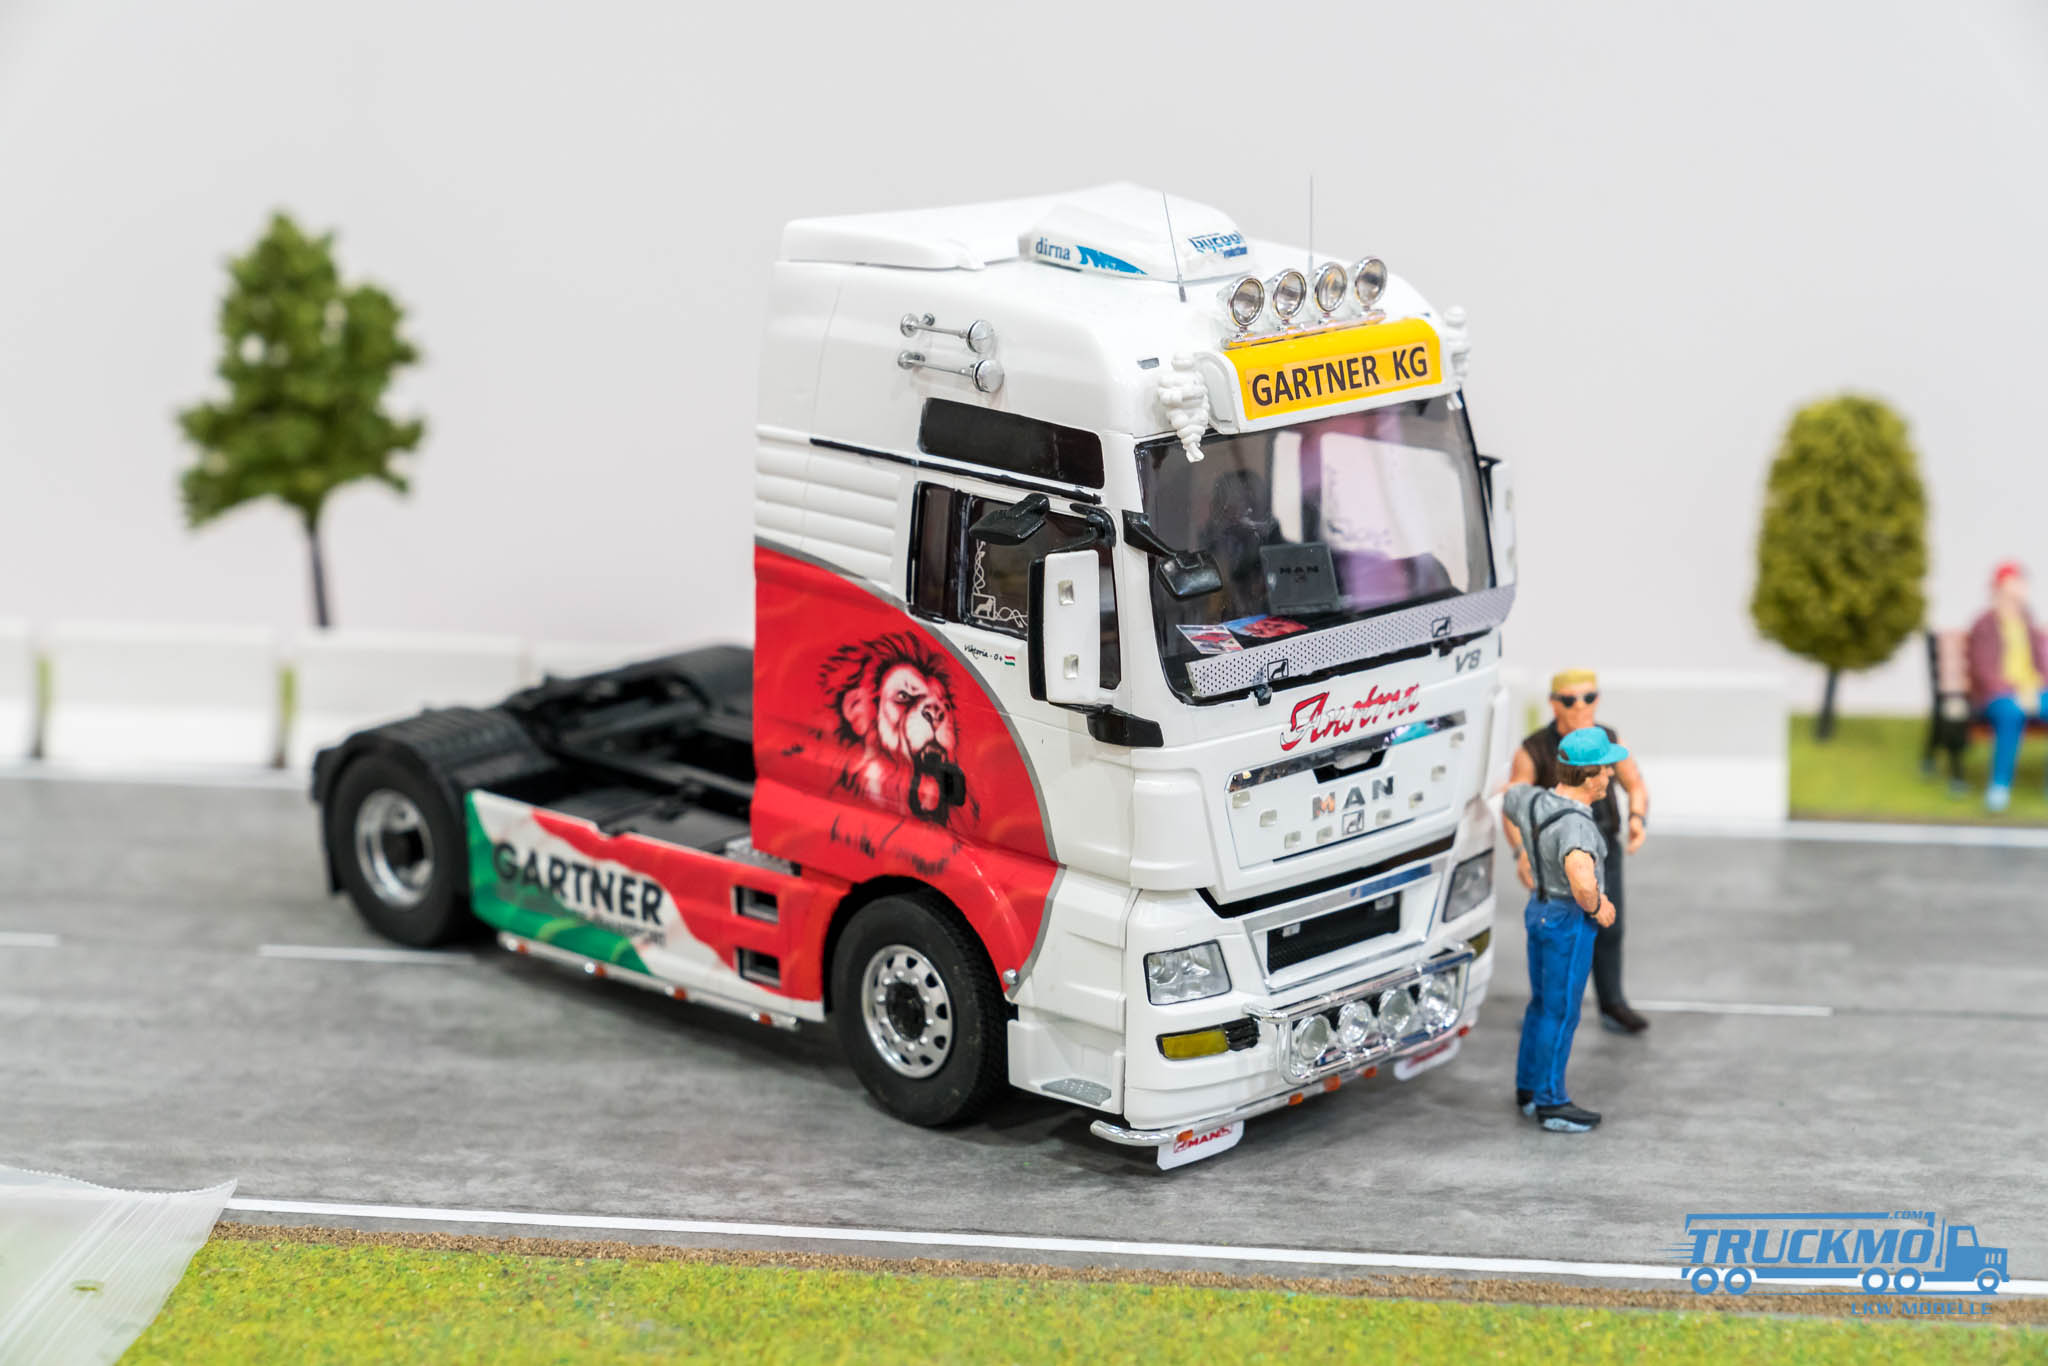 Truckmo_Modellbau_Ried_2017_Herpa_Messe_Modellbauausstellung (297 von 1177)